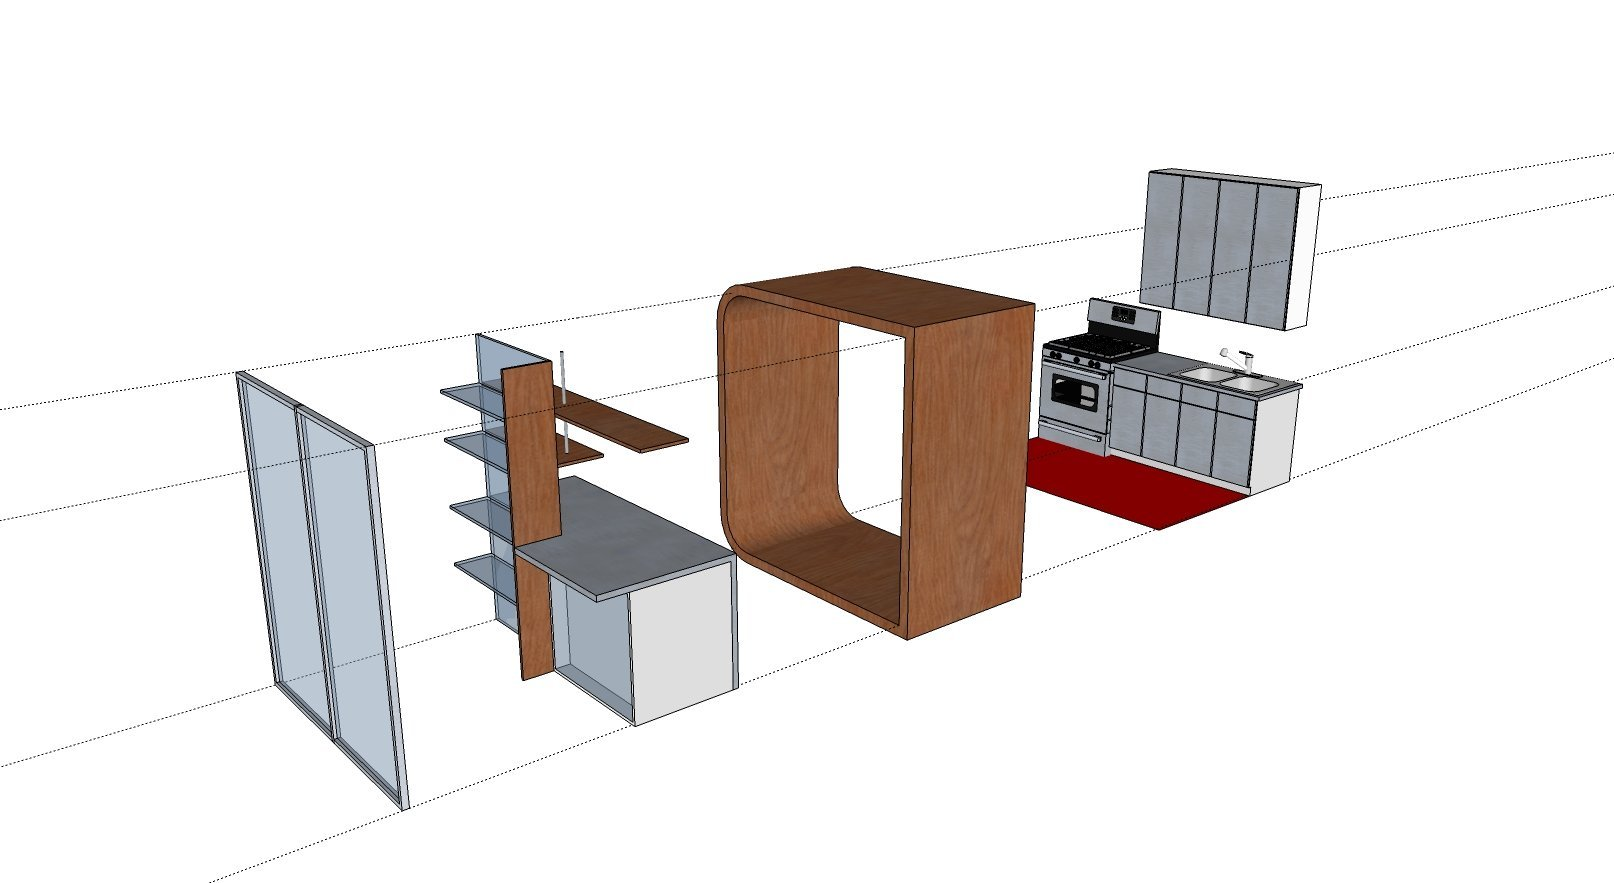 Sex Kitchen Diagram - textures.jpg